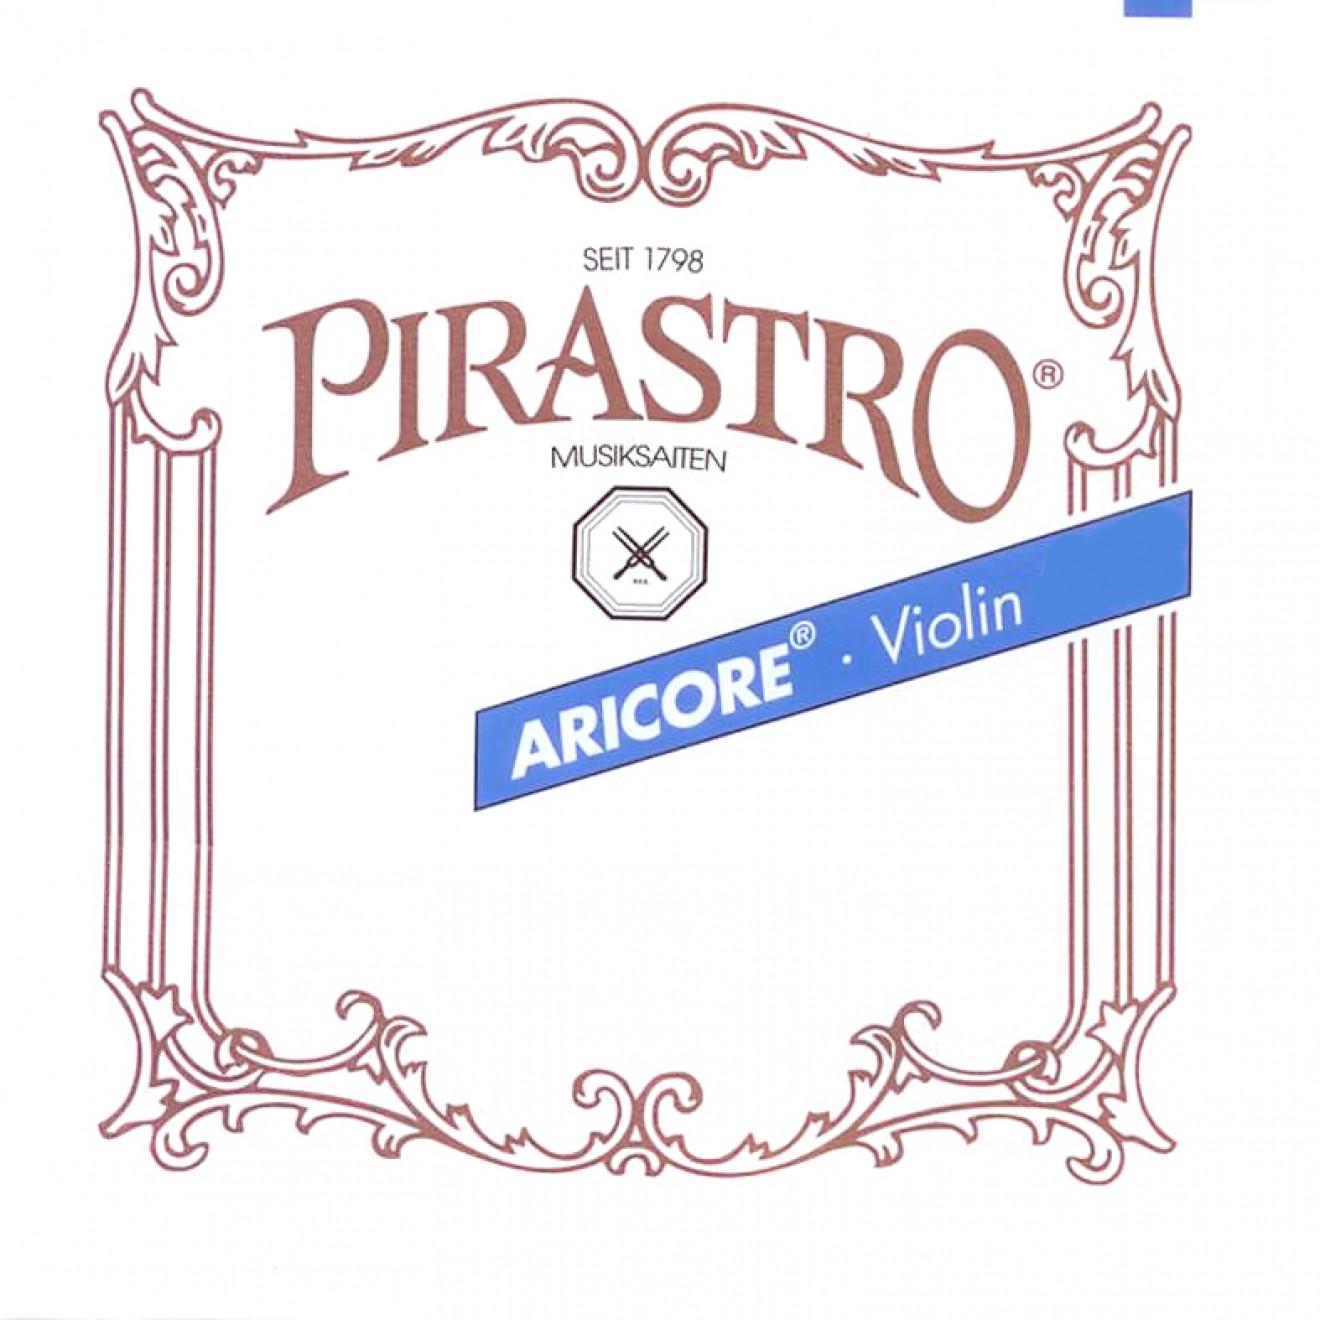 PIRASTRO ARICORE D CORDA RE PER VIOLINO